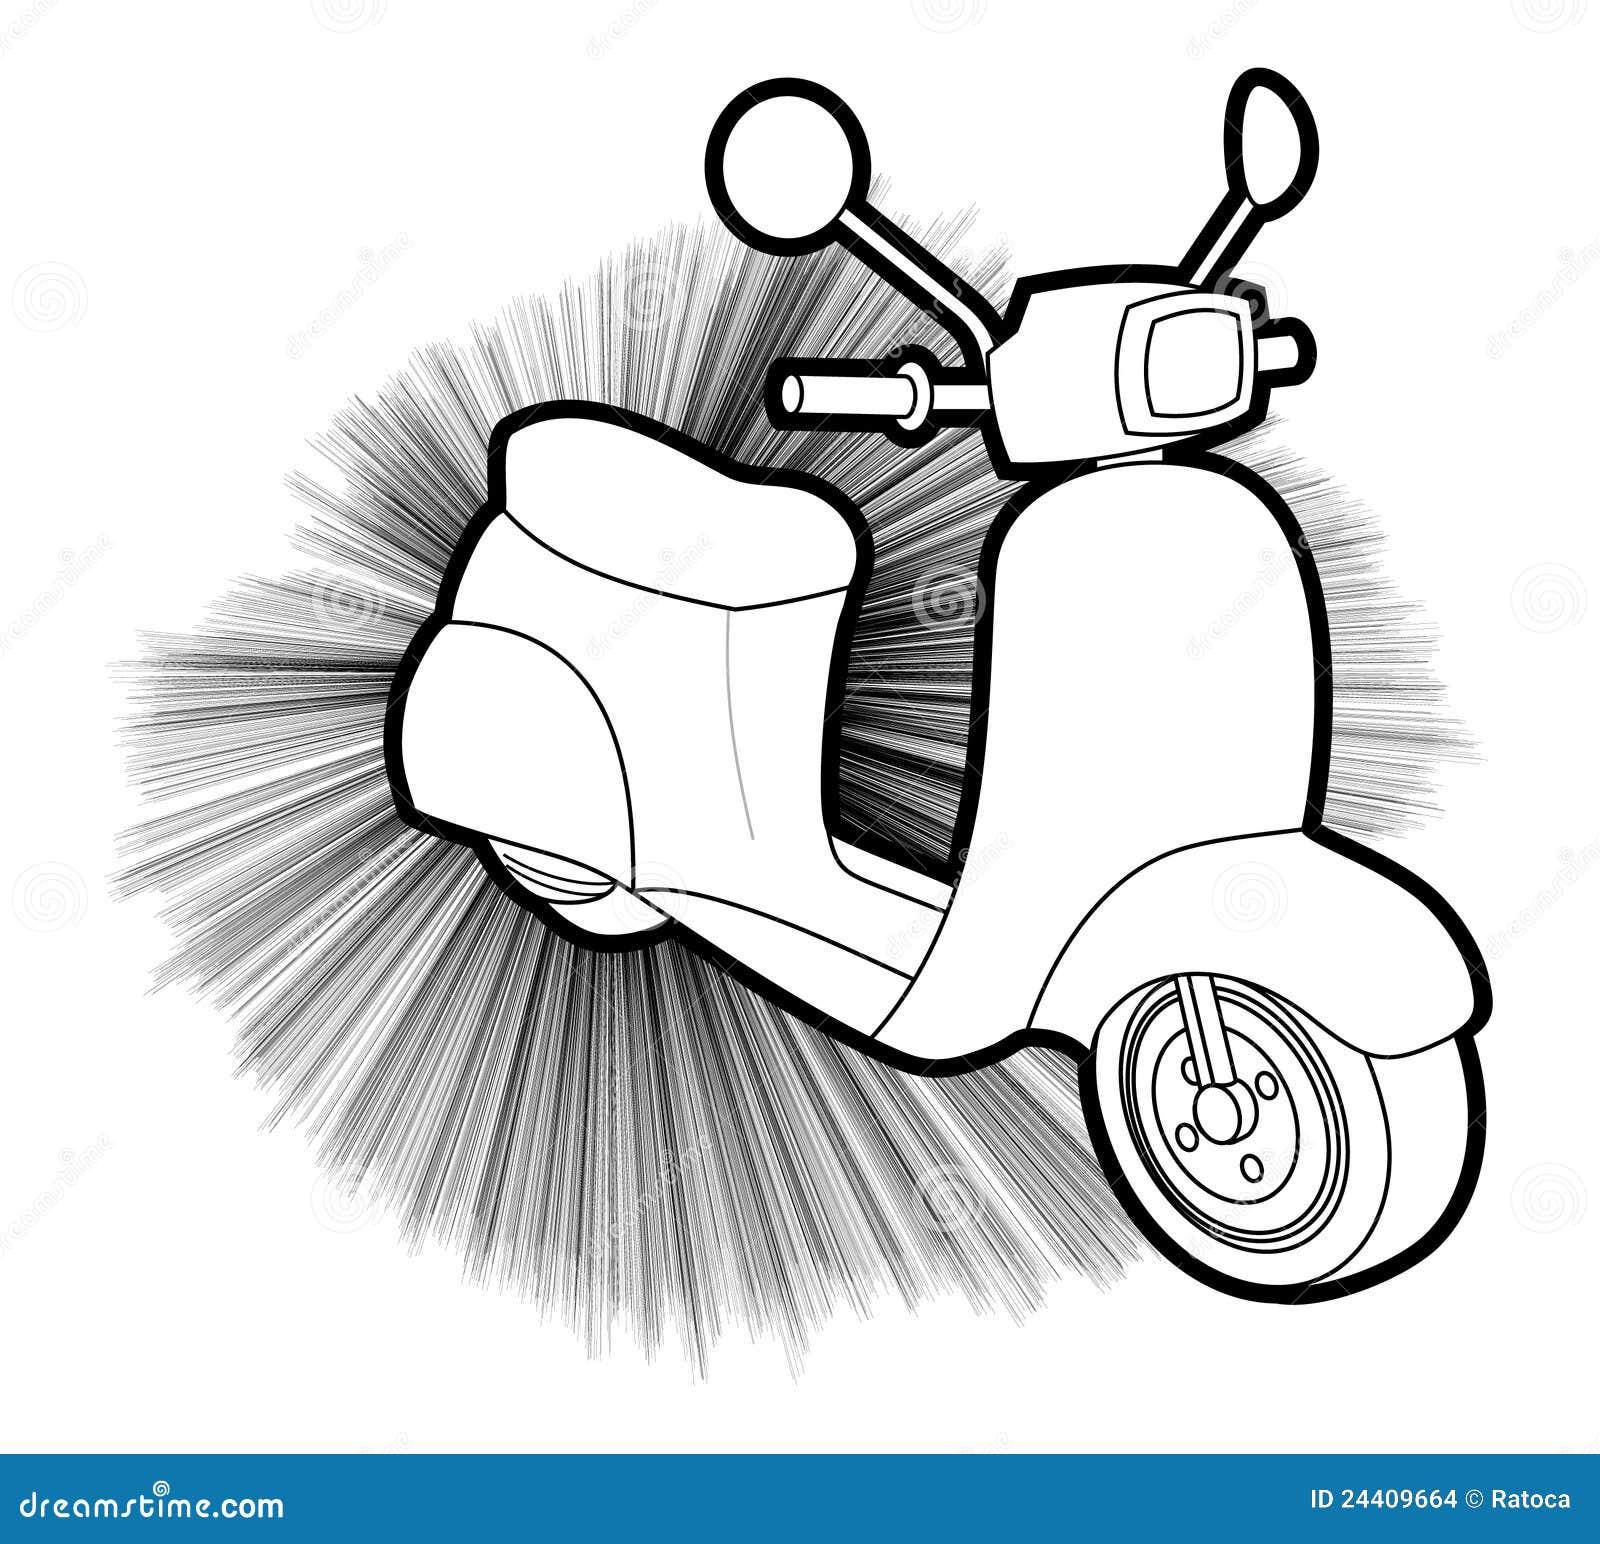 be35dbc185 Disegno Creativo Del Motorino Illustrazione Vettoriale ...